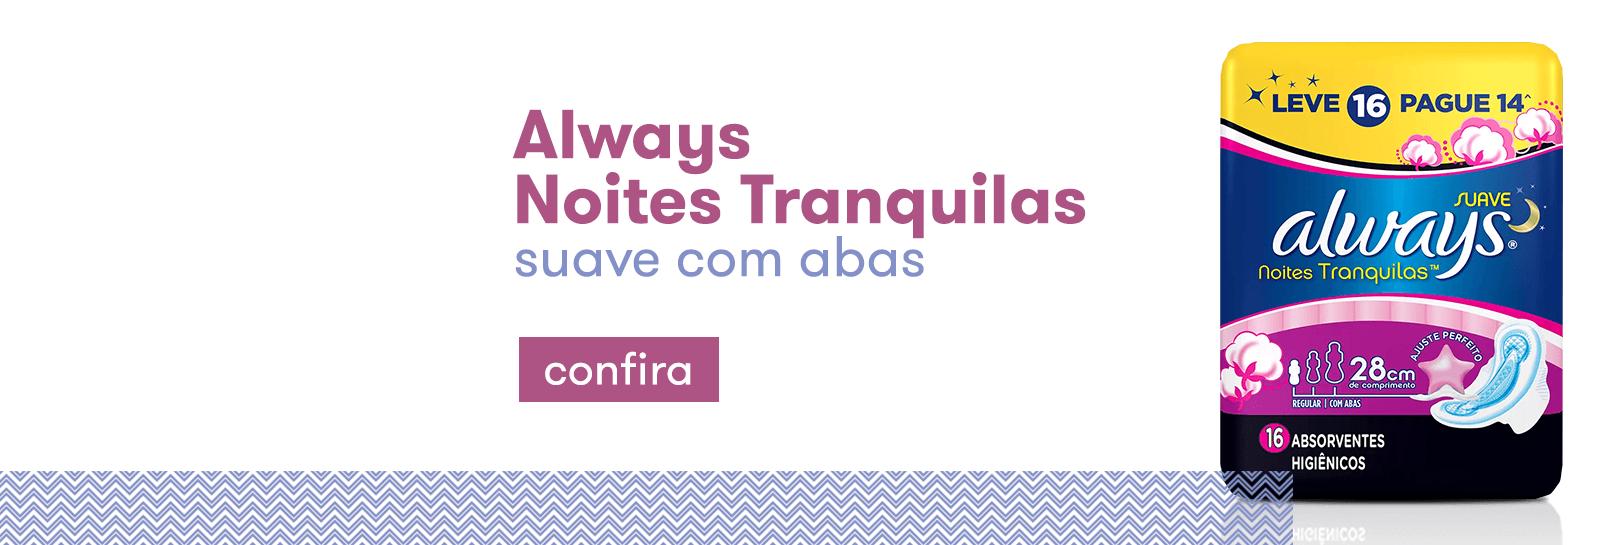 Always_Noites_Tranquilas